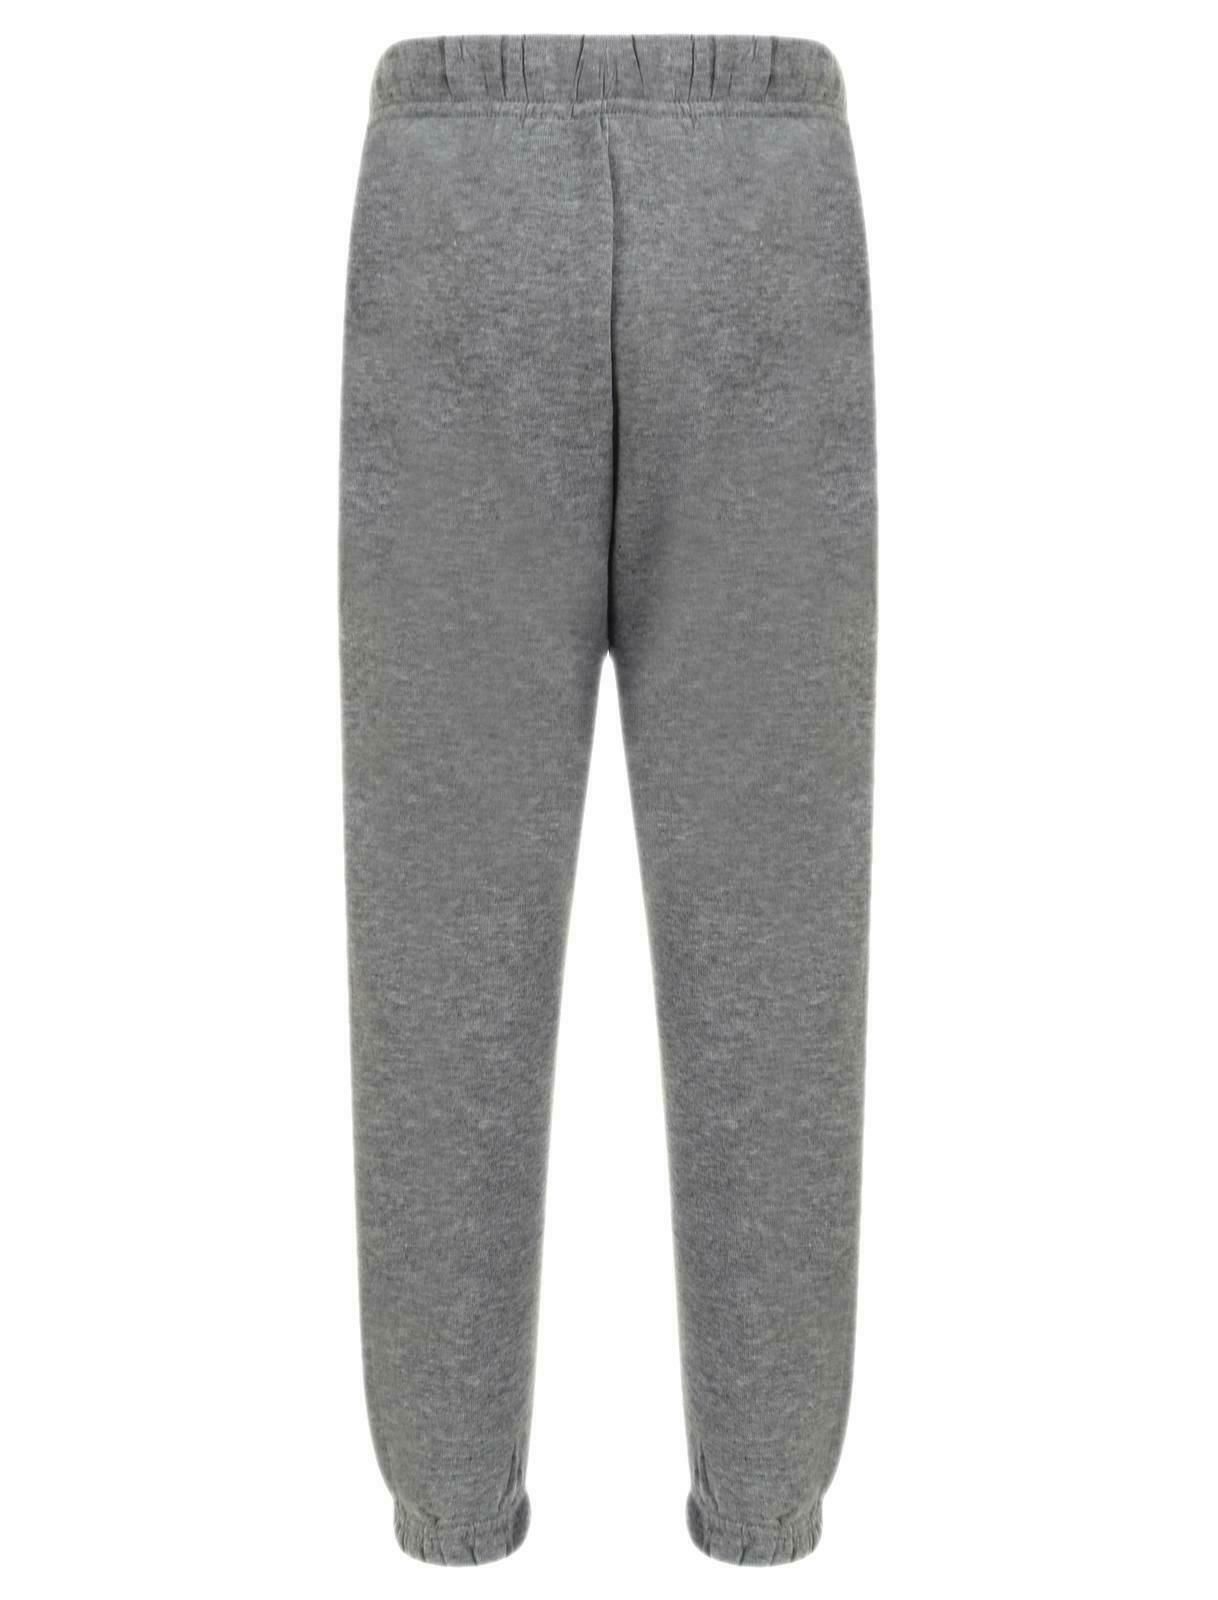 Kids Fleece Trouser Grey